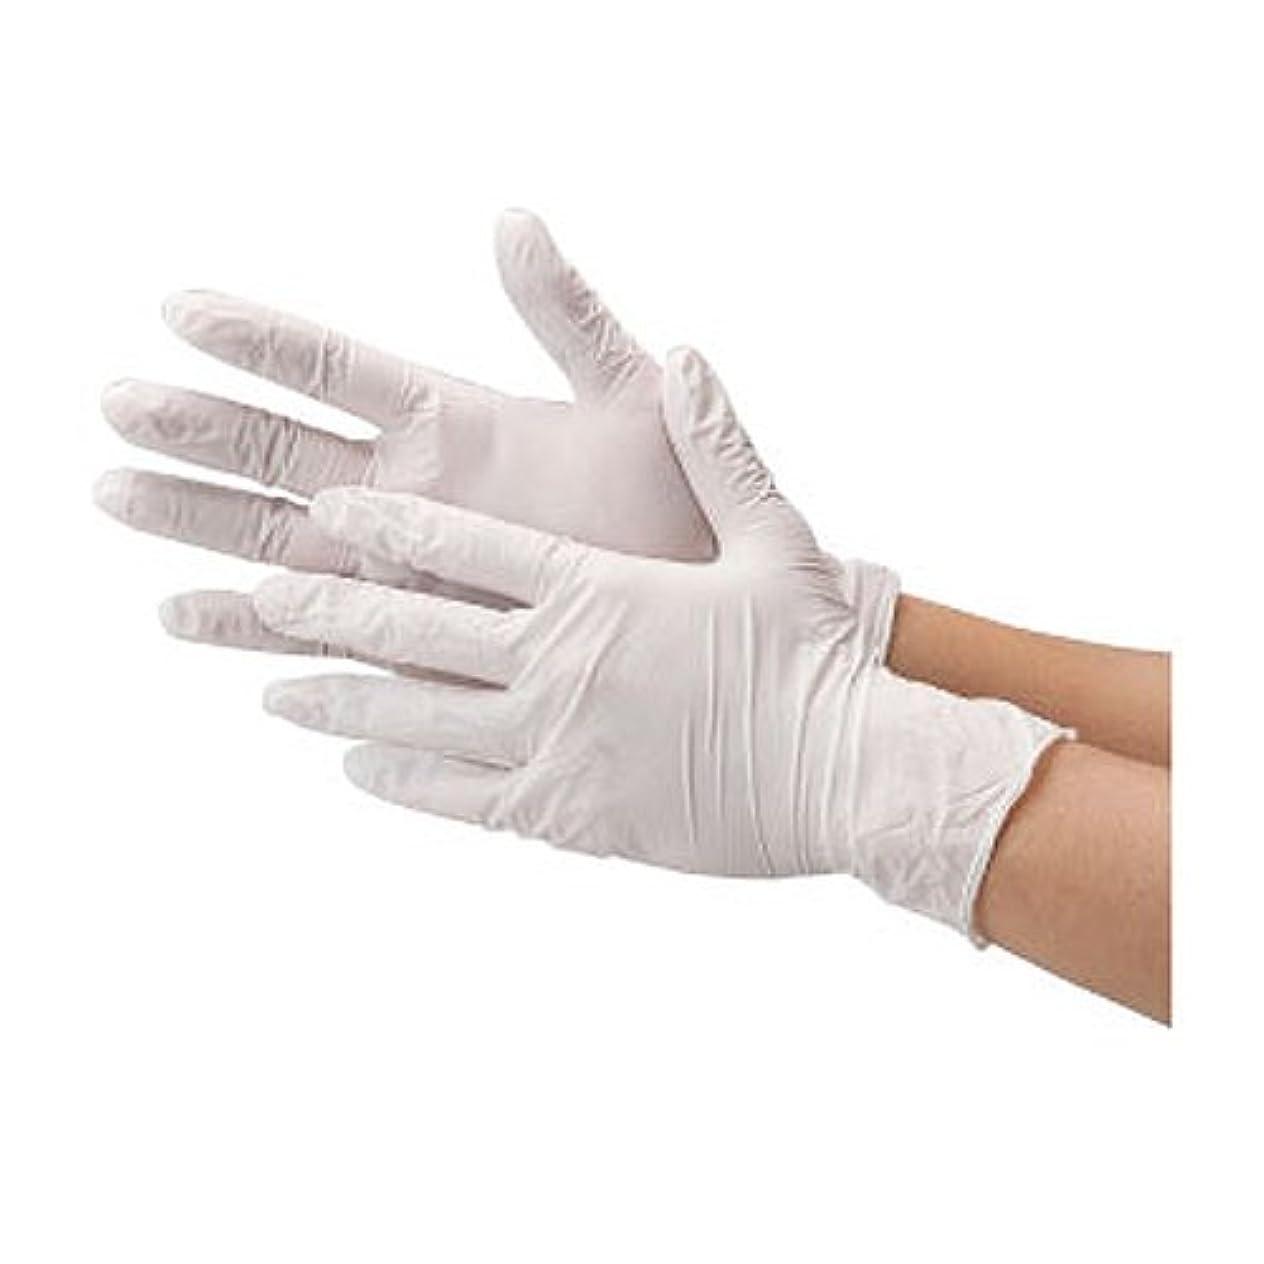 裁判所お尻貫通する川西工業 ニトリル 使いきり手袋 ストロング 粉無 100枚入り 2037 ホワイトM